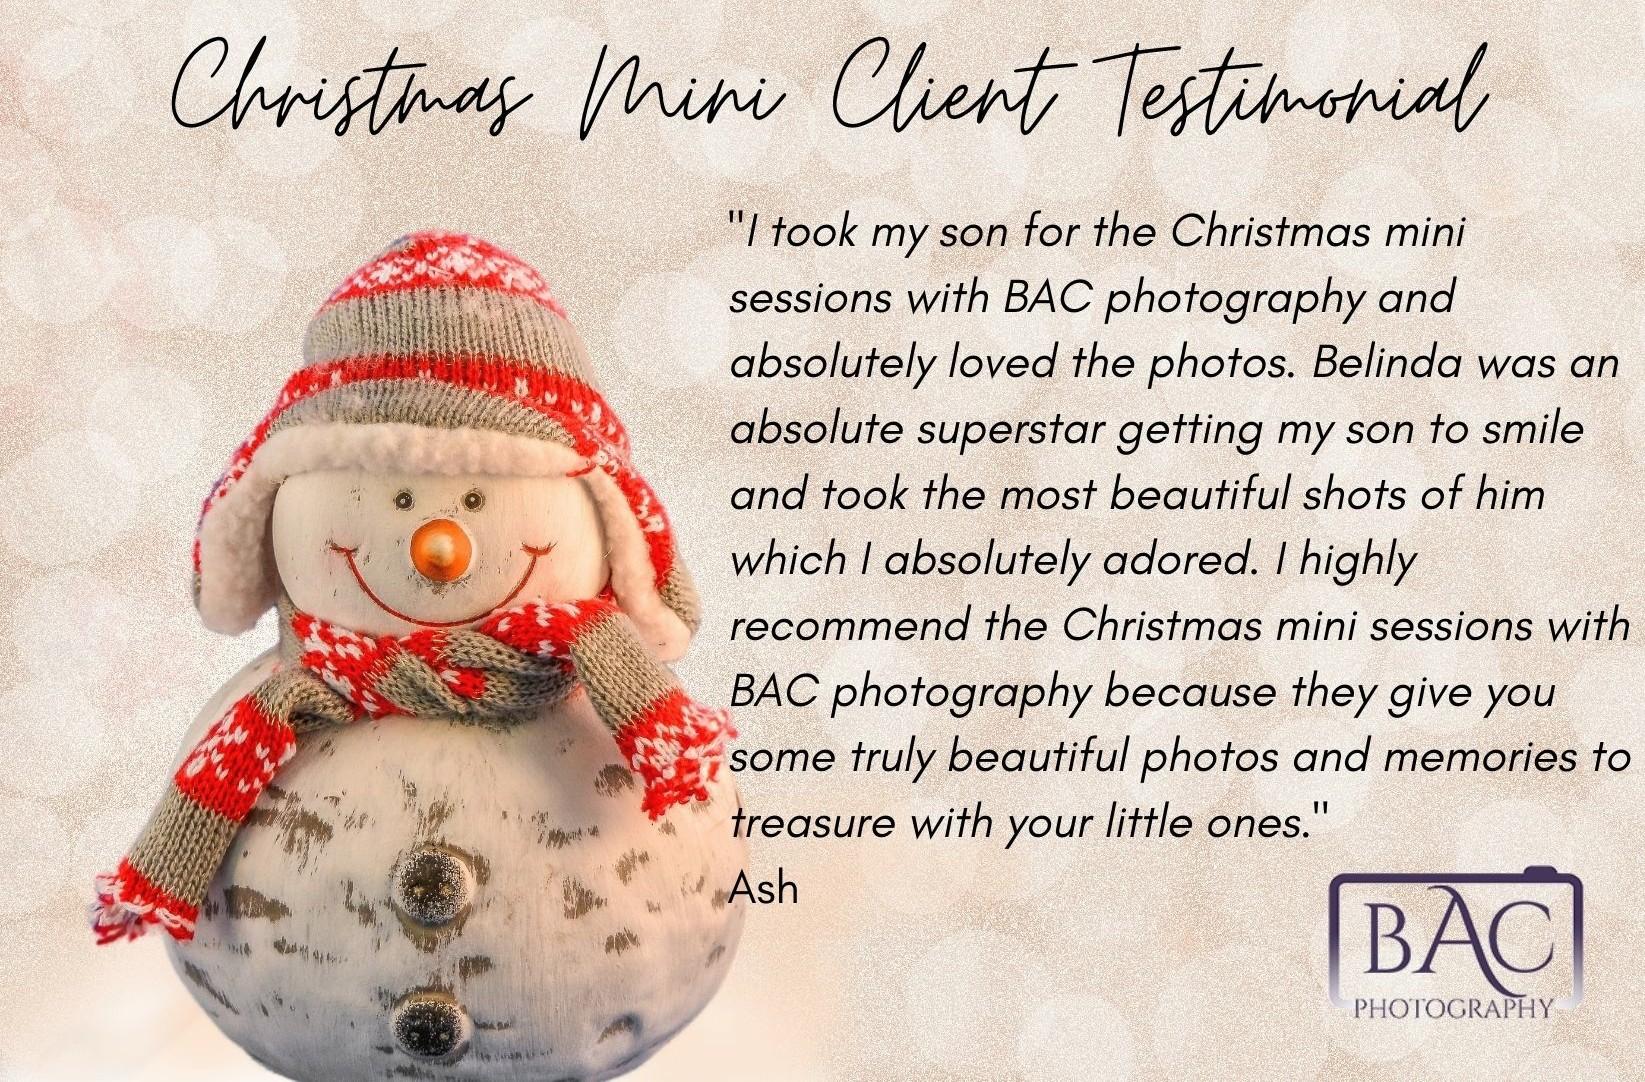 Christmas Mini client testimonial